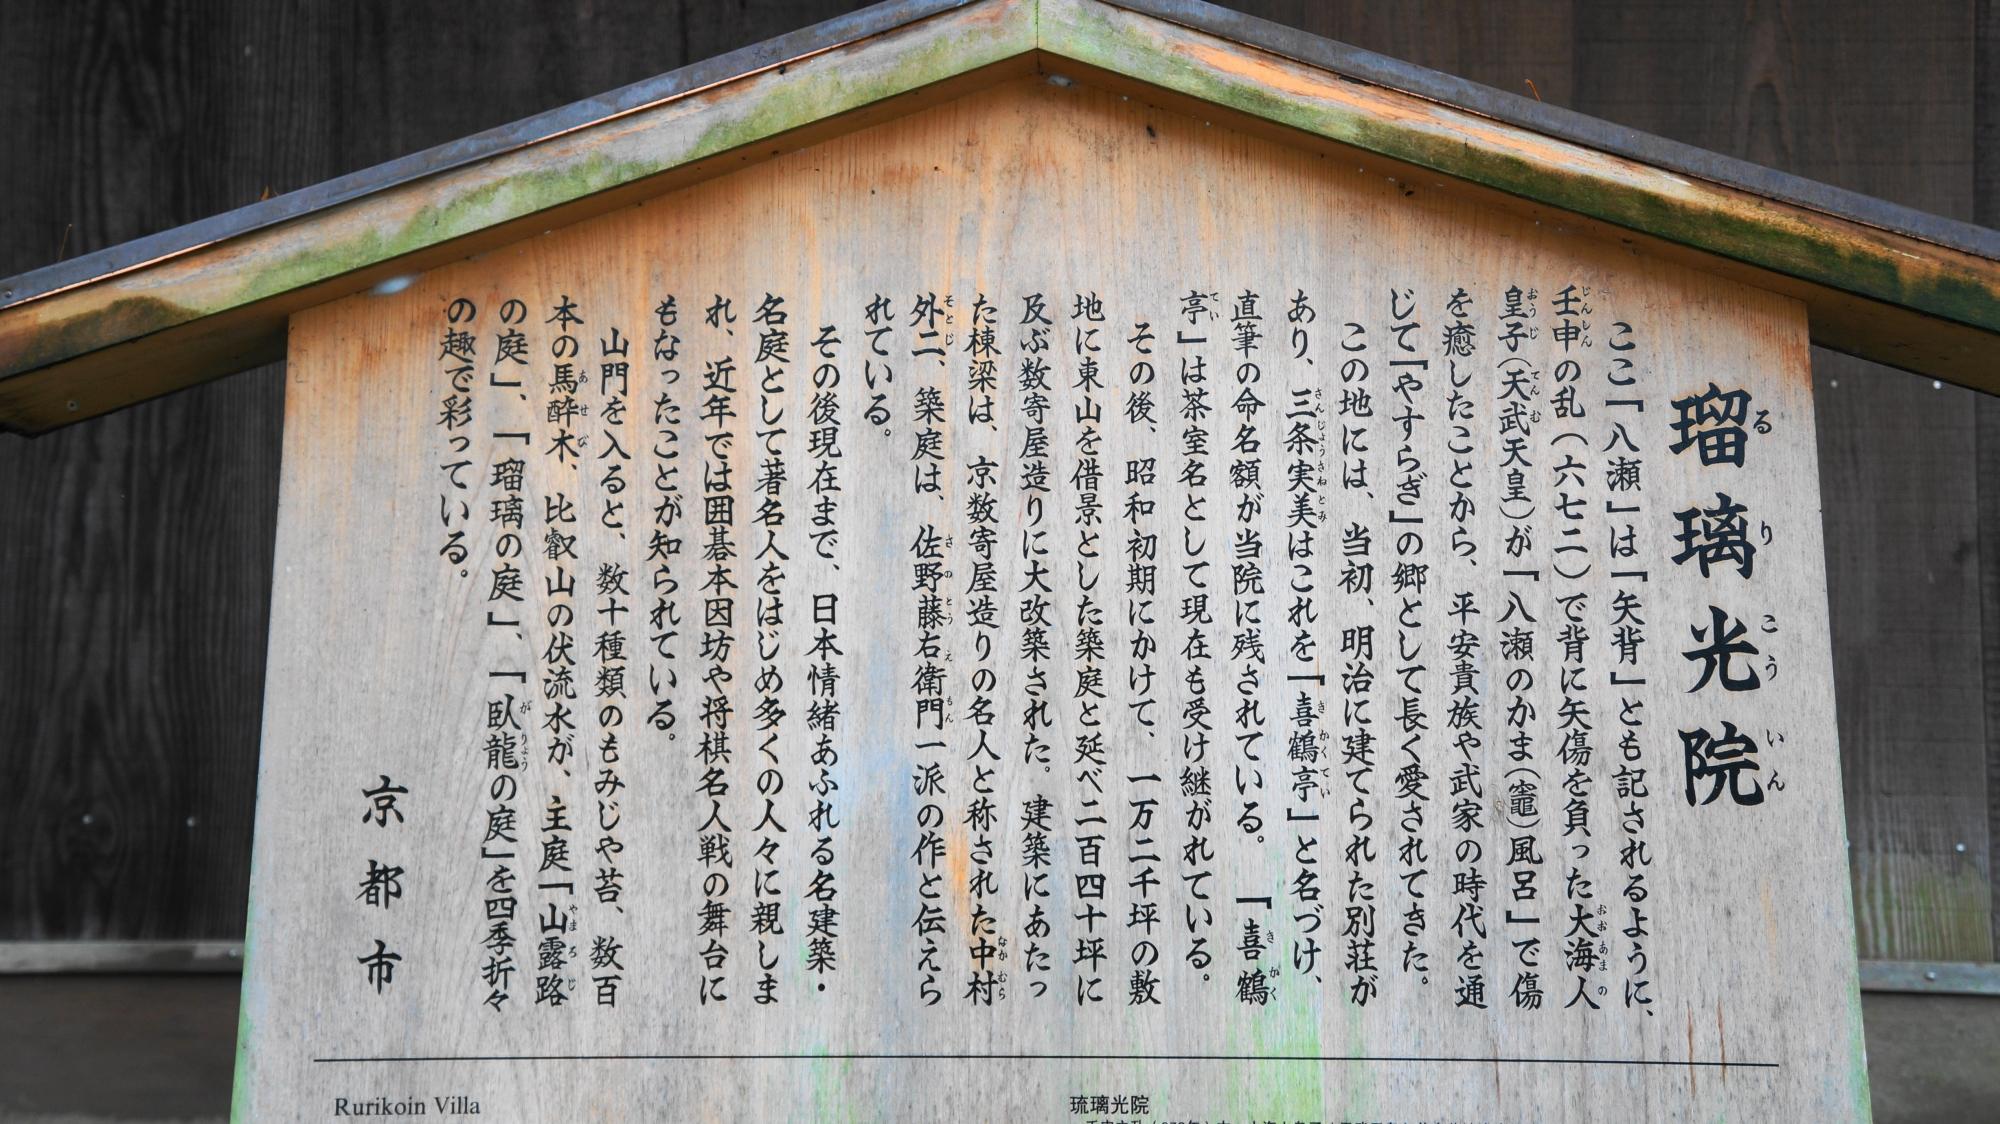 八瀬瑠璃光院(るりこういん)の説明